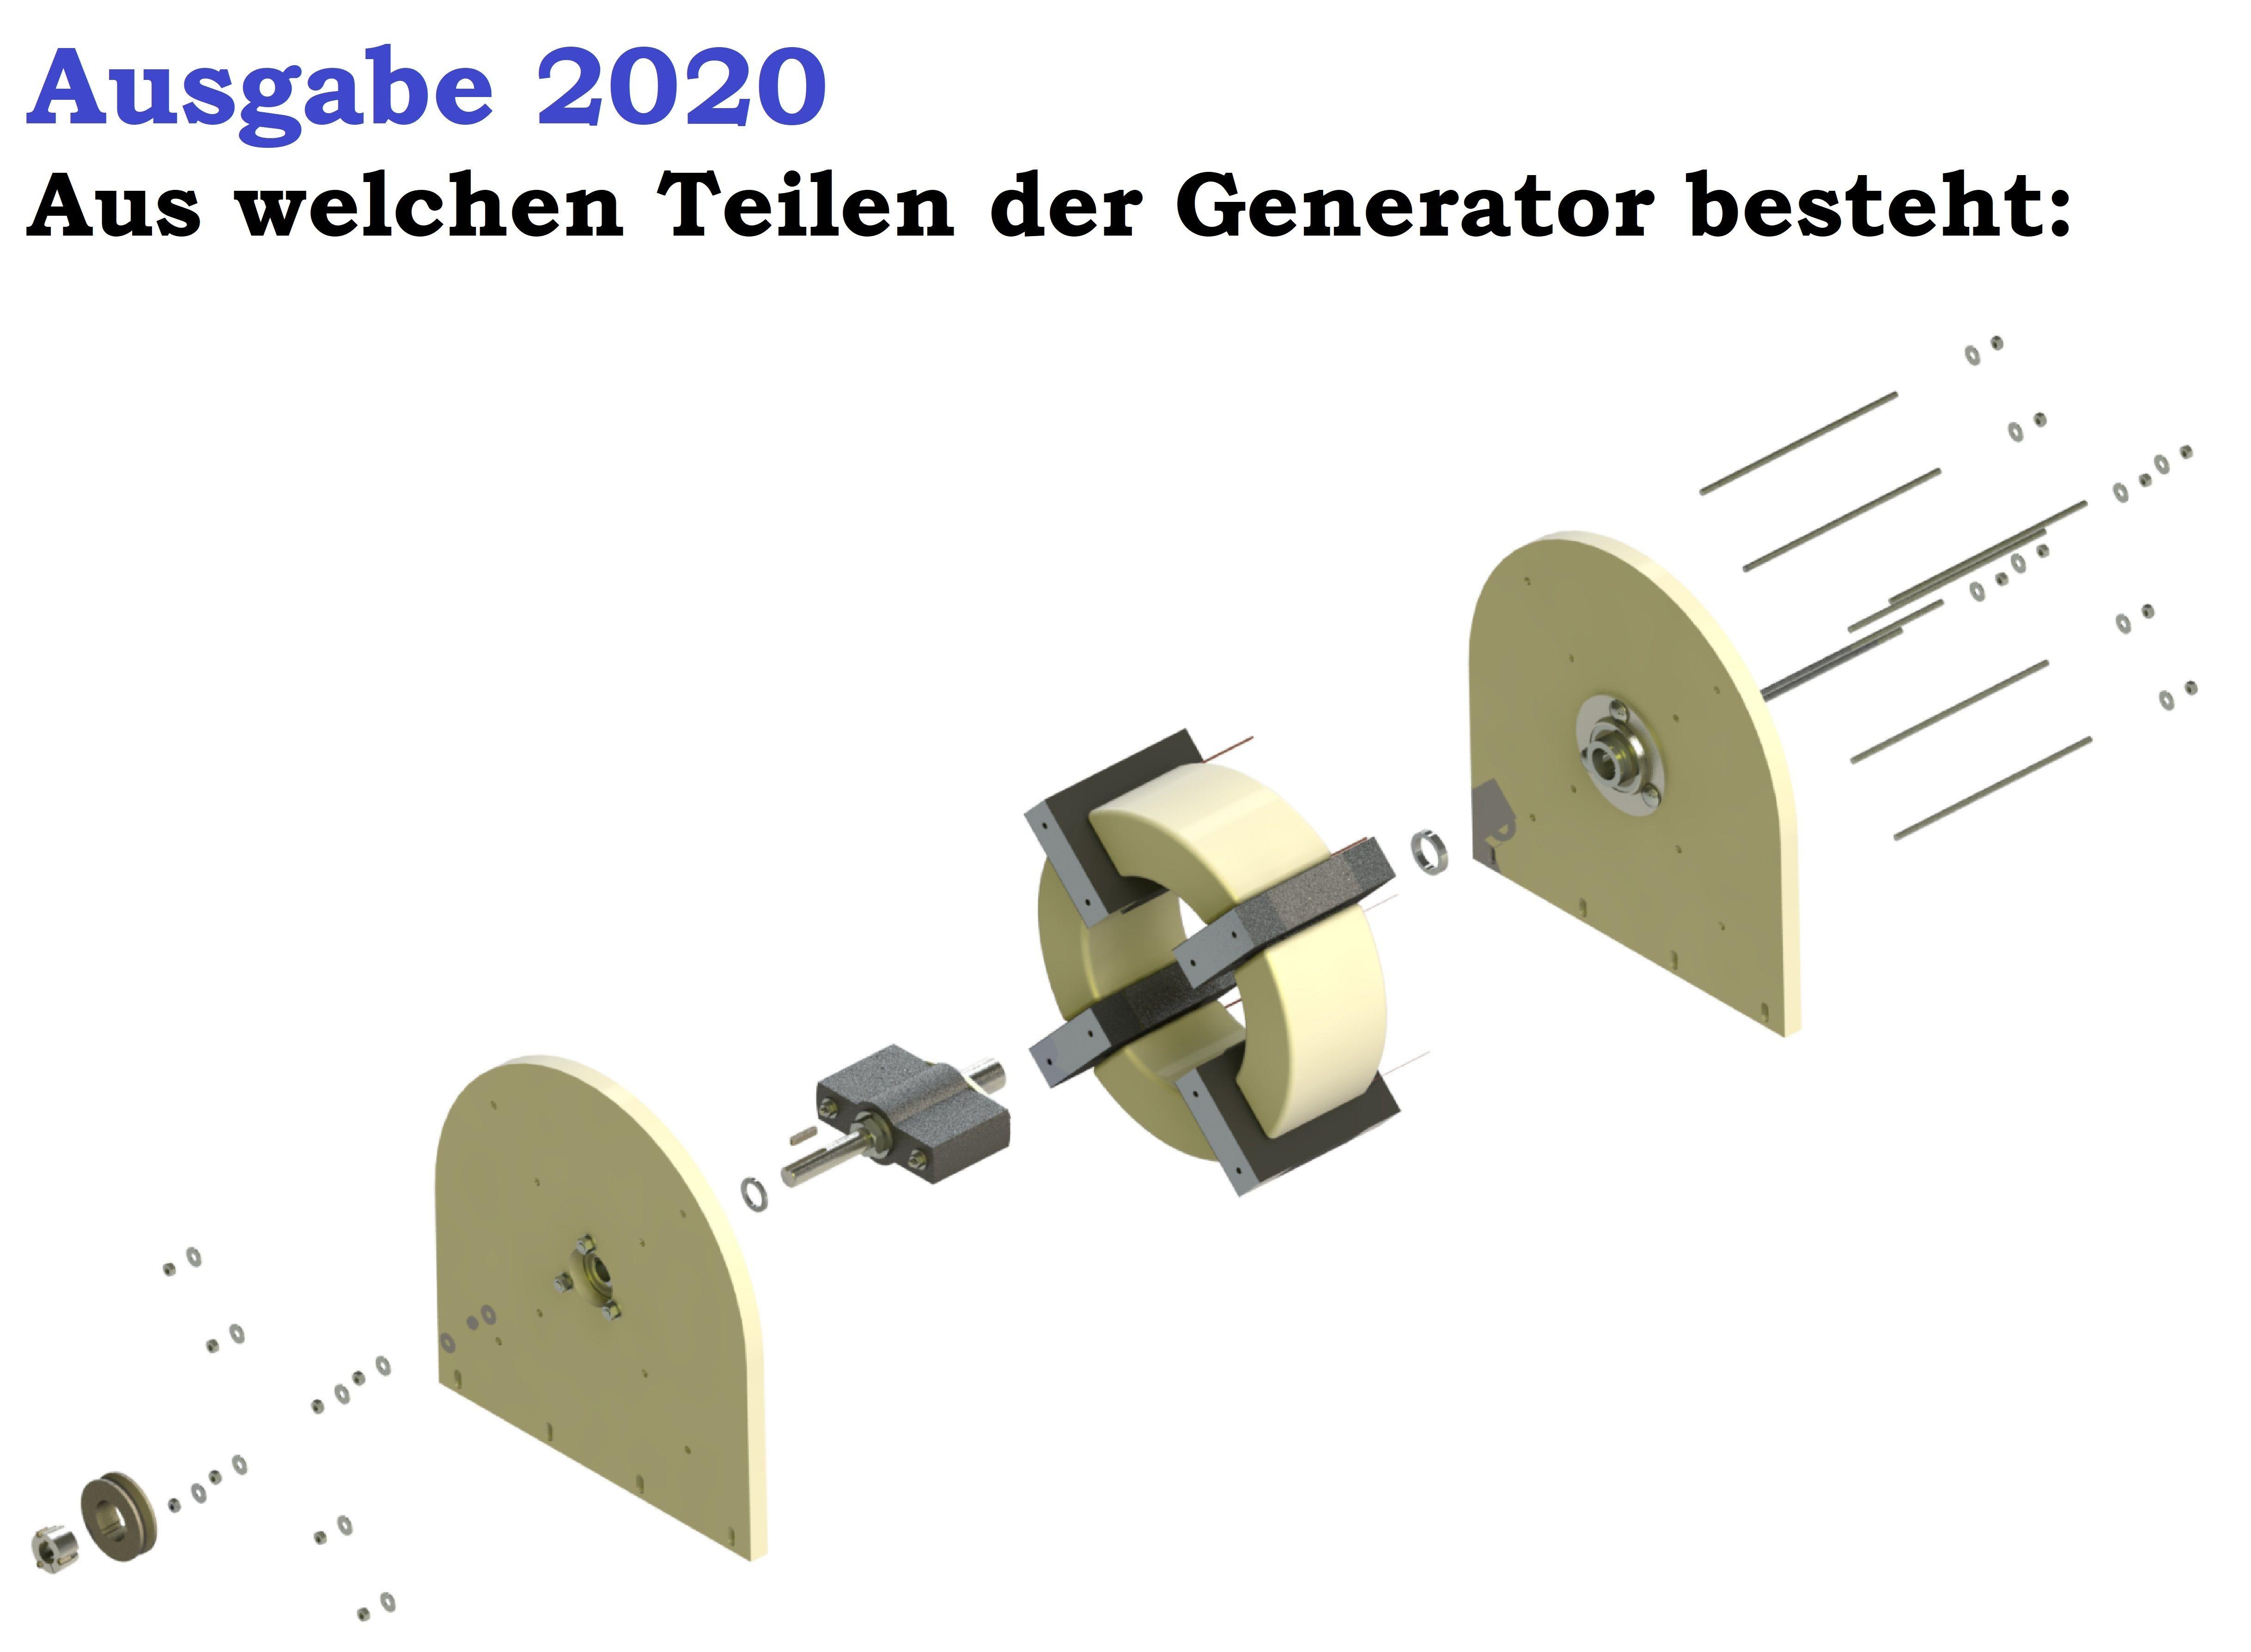 Tesla Bauplan 2020 | Tesla Freie Energie Generator selber